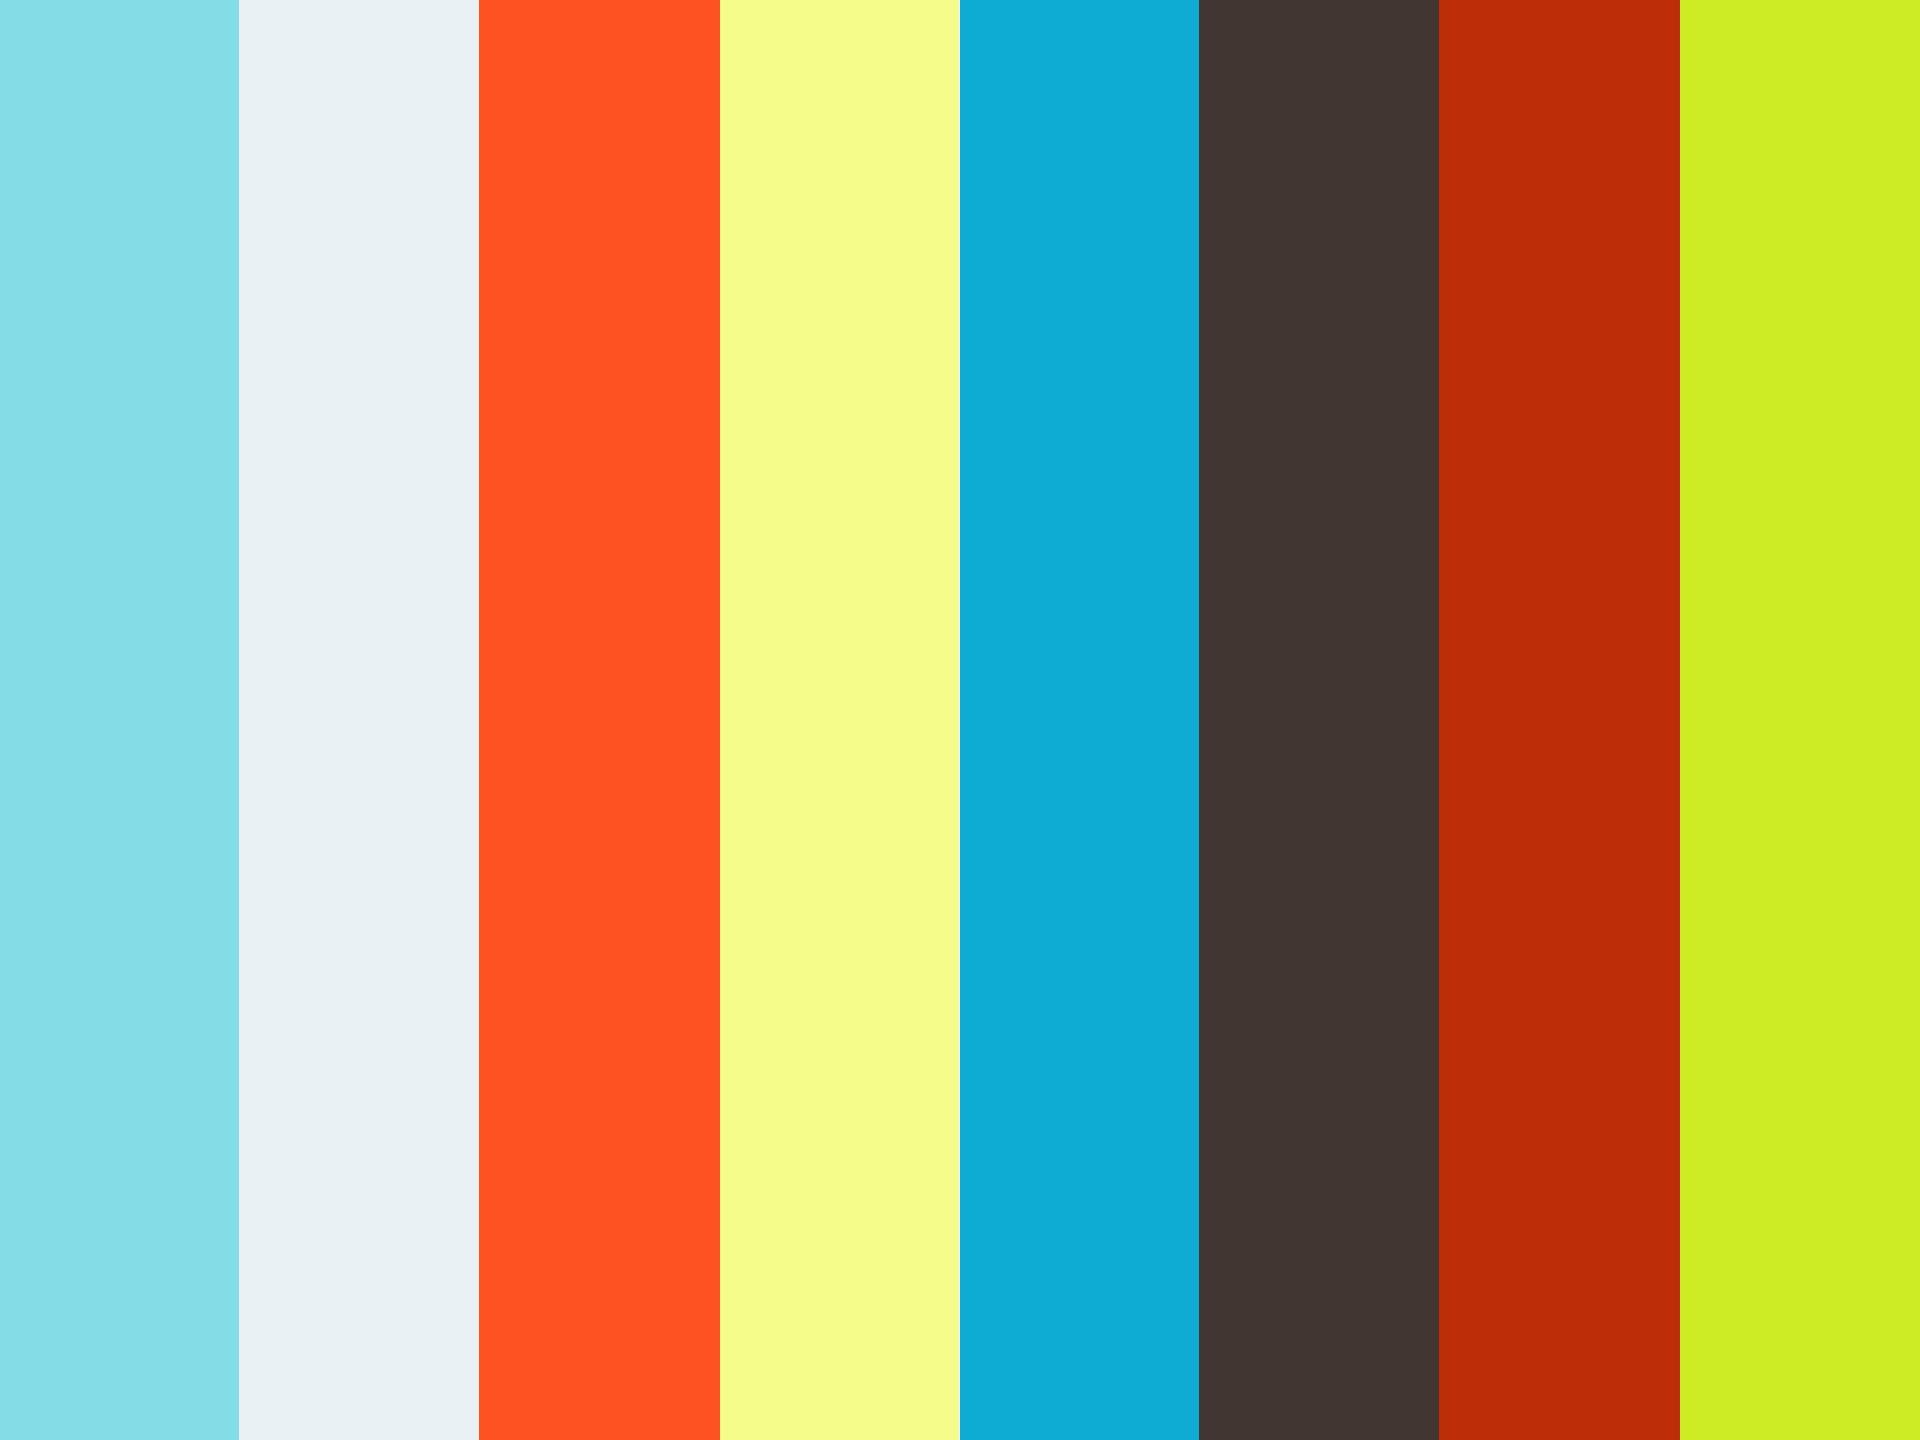 Μένω σπίτι και μαθαίνω | Δημοτική | Μουσική (Τραγούδι του Λάζαρου)  15/4/20  Επ. 13